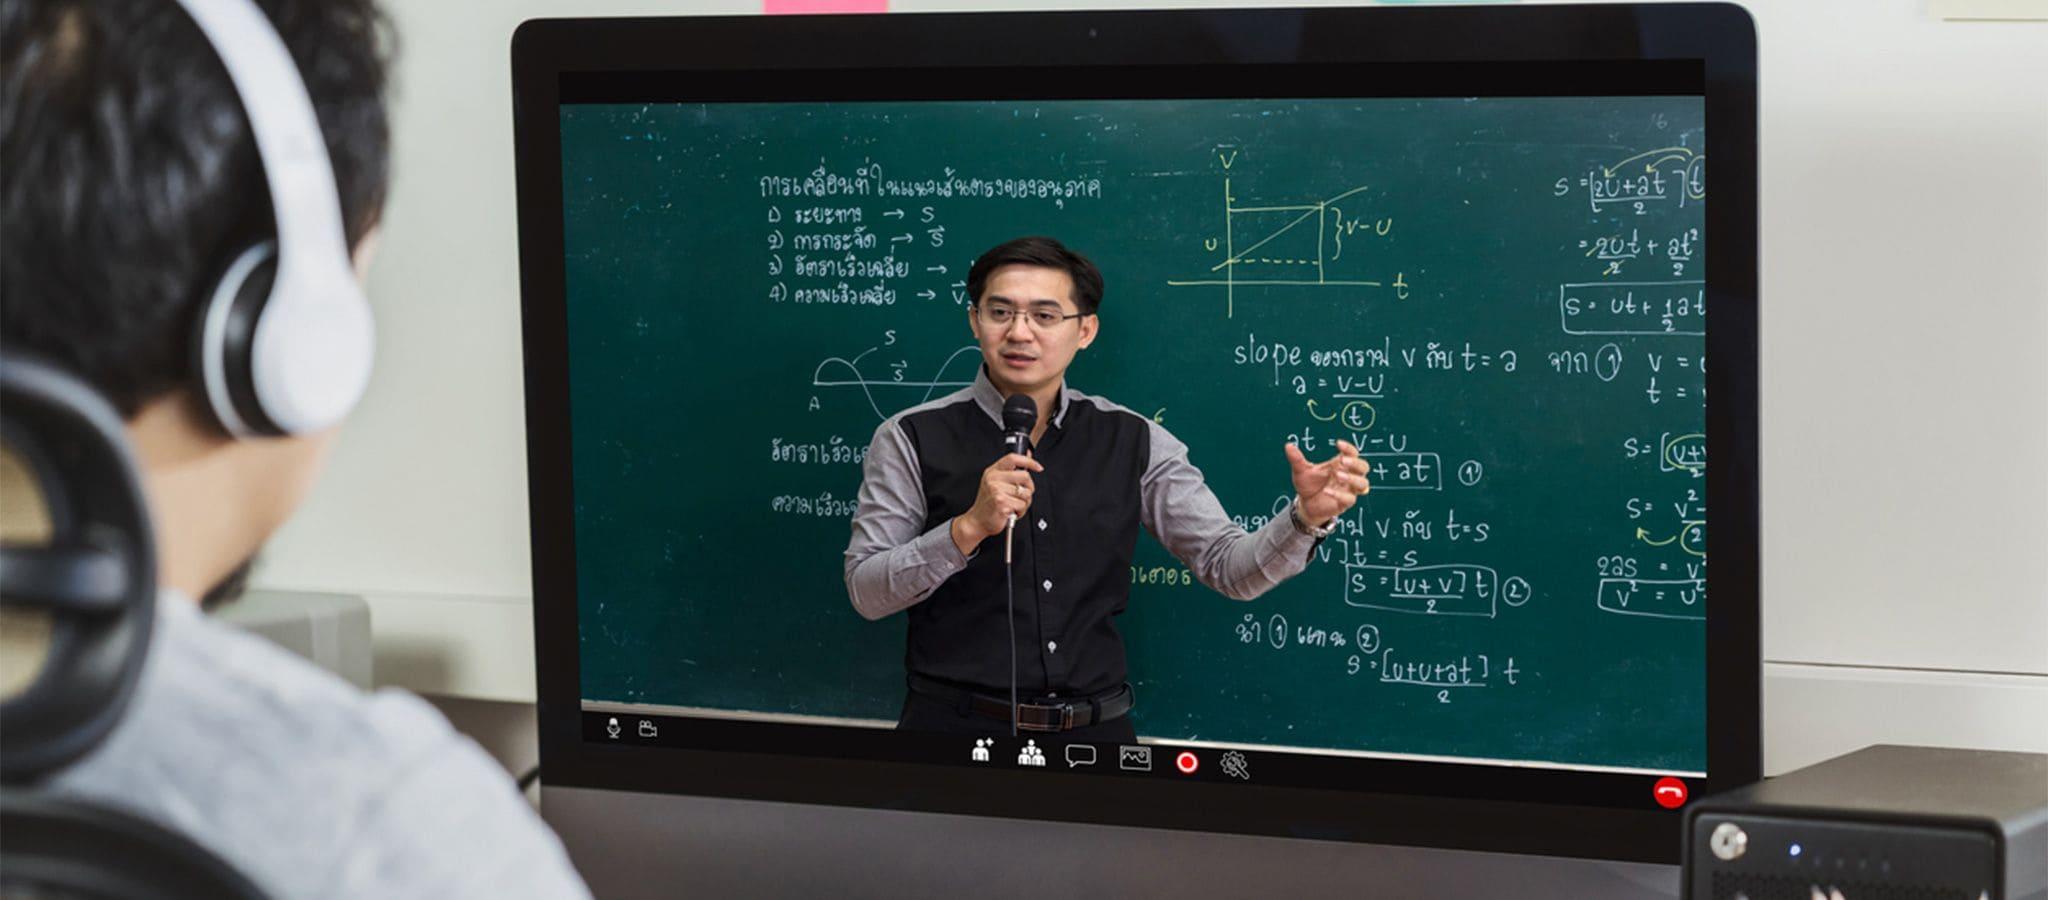 「オンライン授業不要」5月調査より2倍に増加